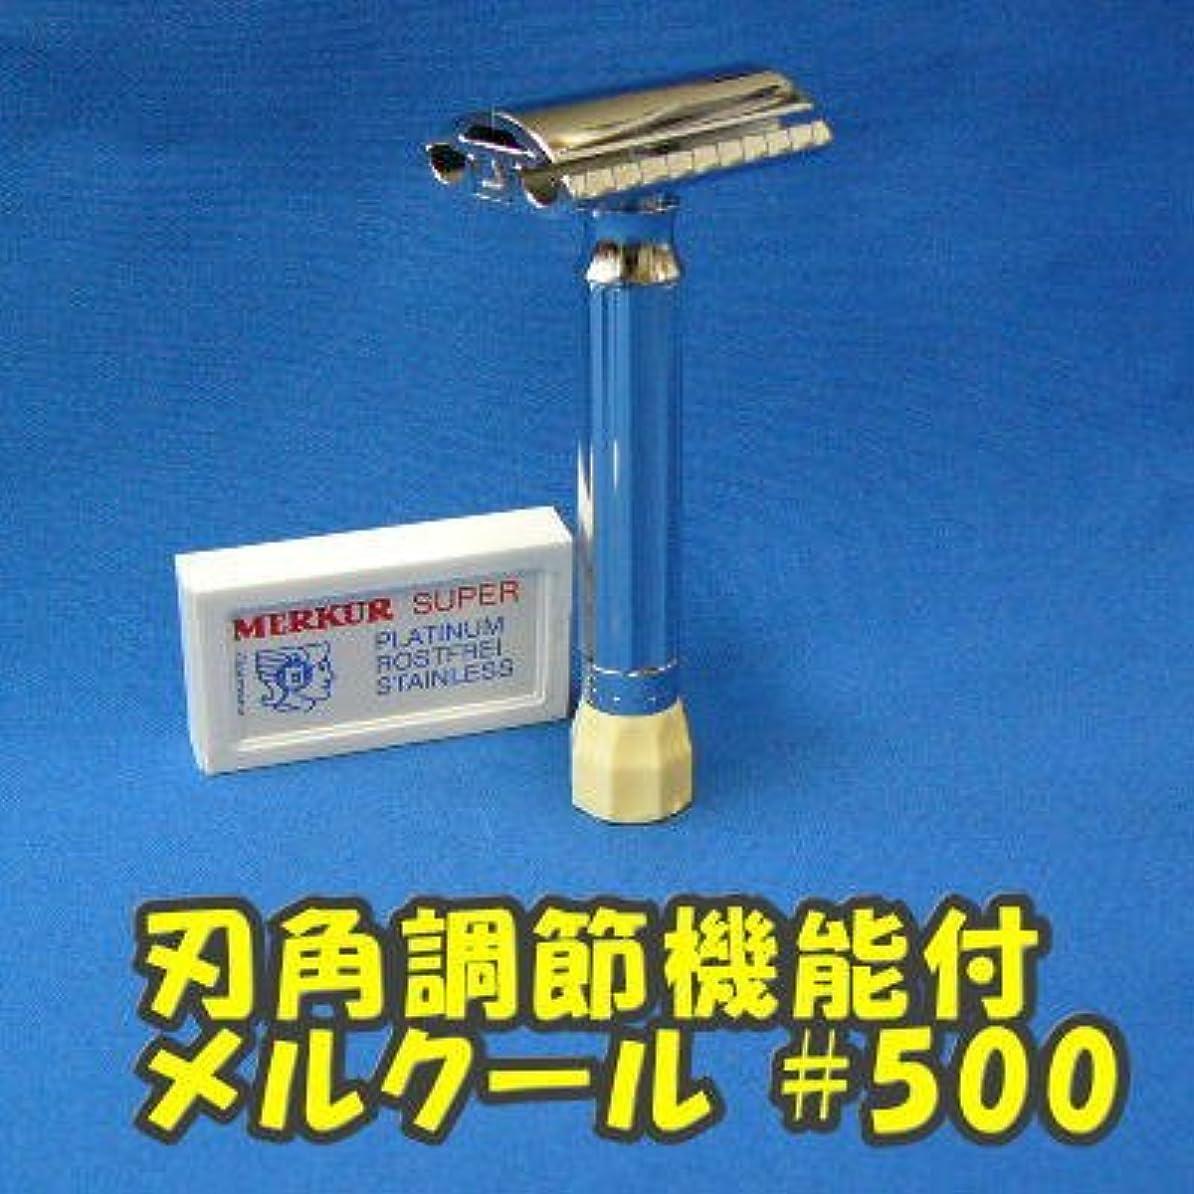 優先背の高いデイジーメルクール髭剃り(ひげそり)570 PROGRESS(プログレス)